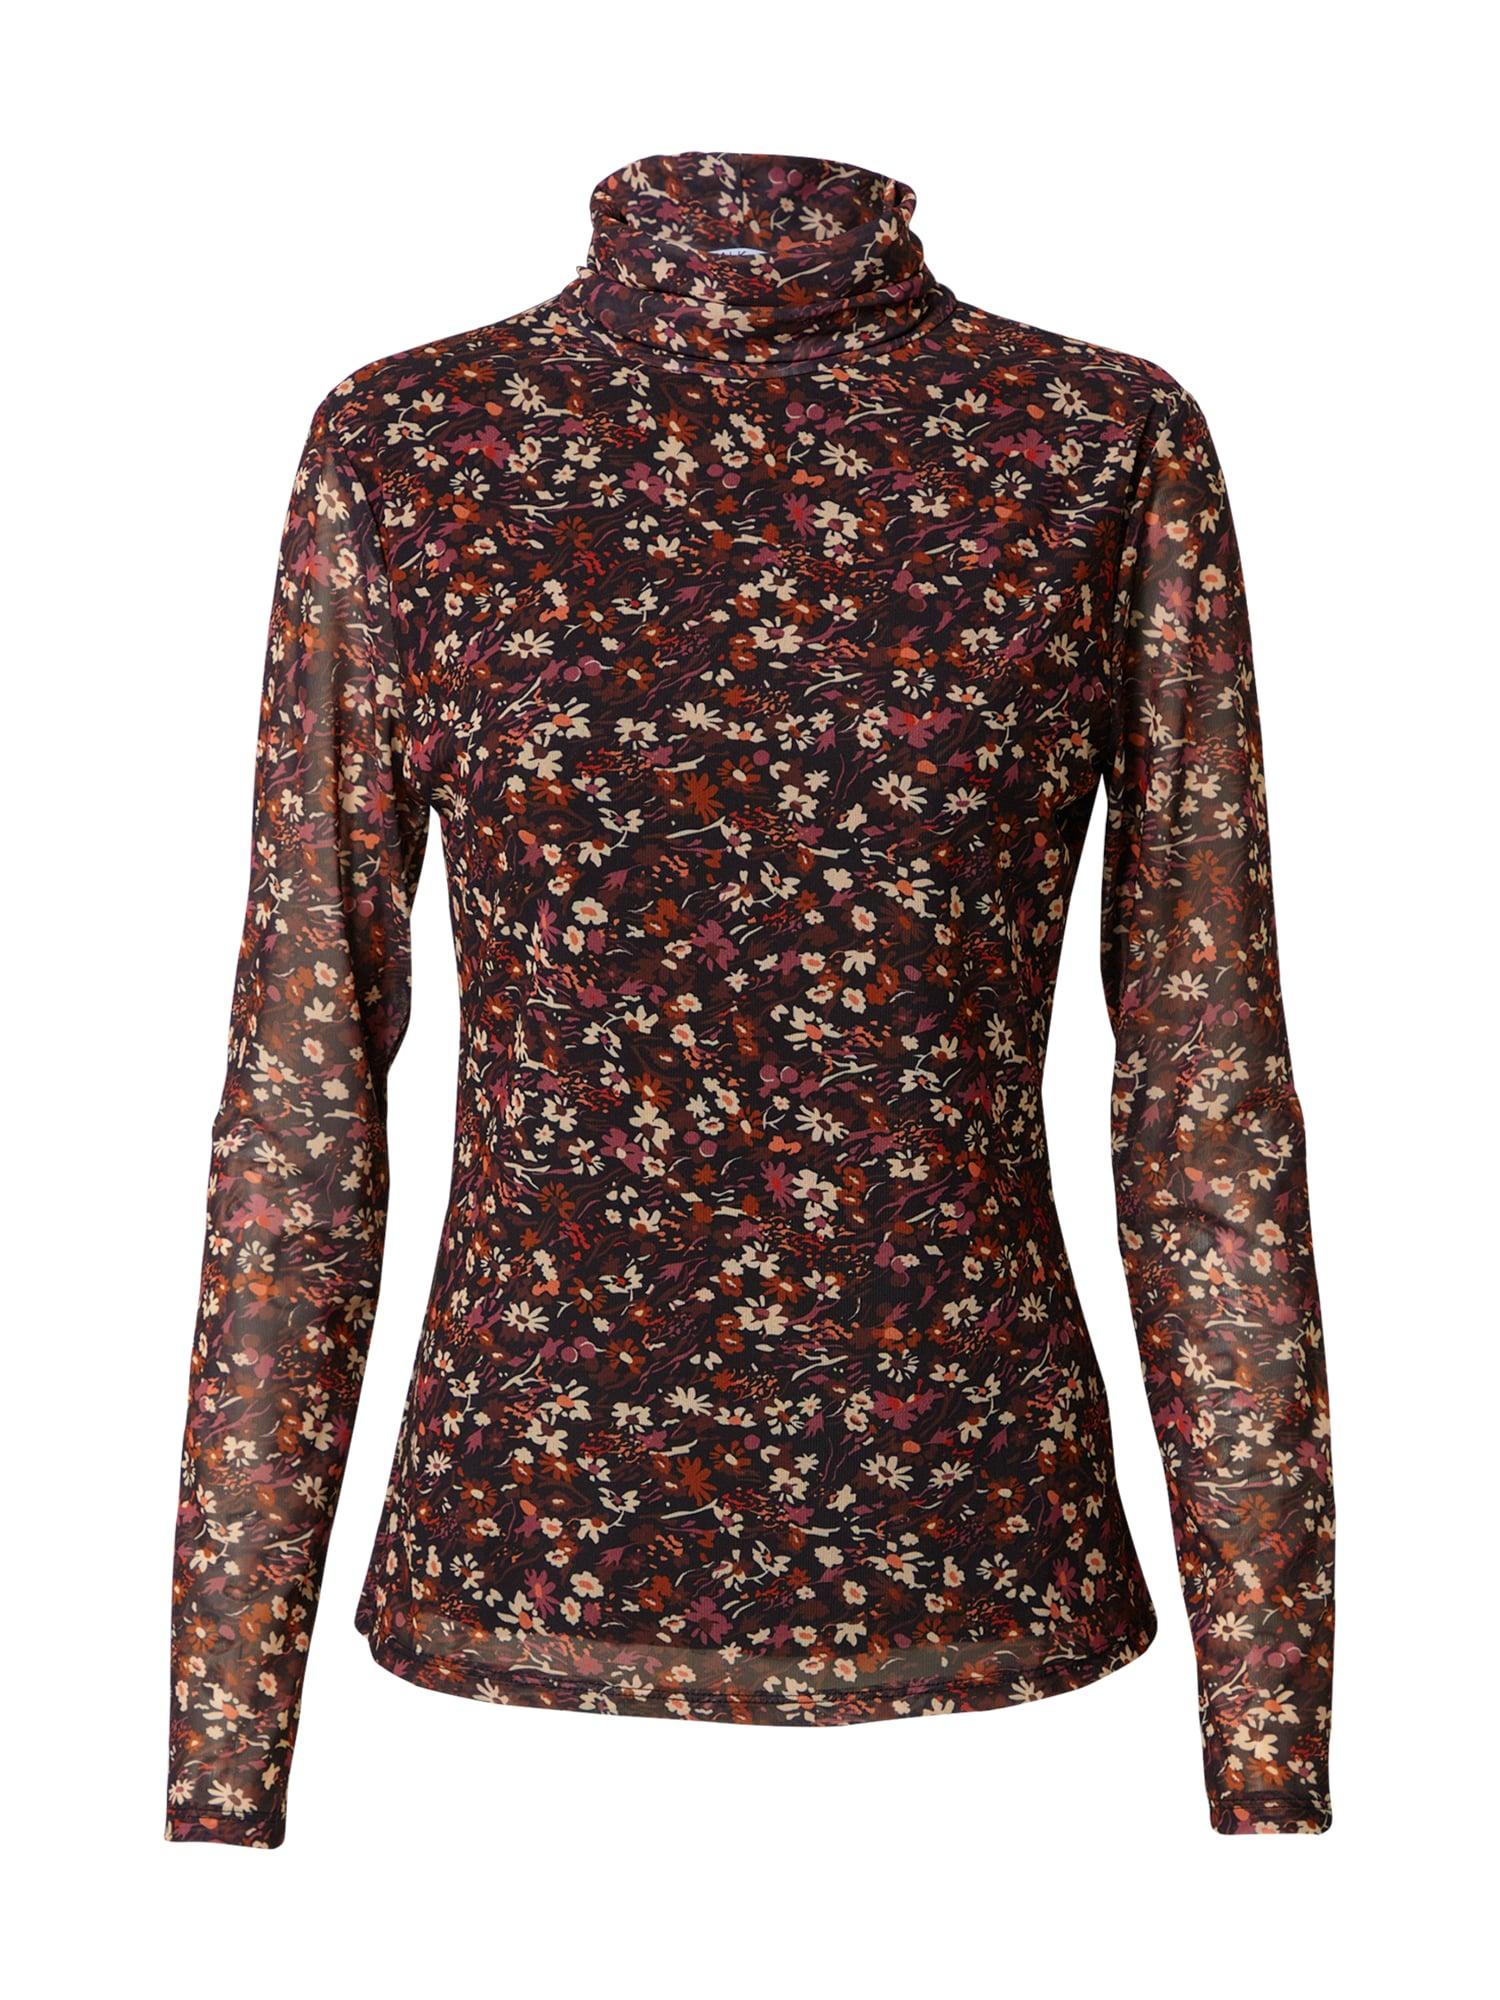 CATWALK JUNKIE Marškinėliai mišrios spalvos / juoda / vyšninė spalva